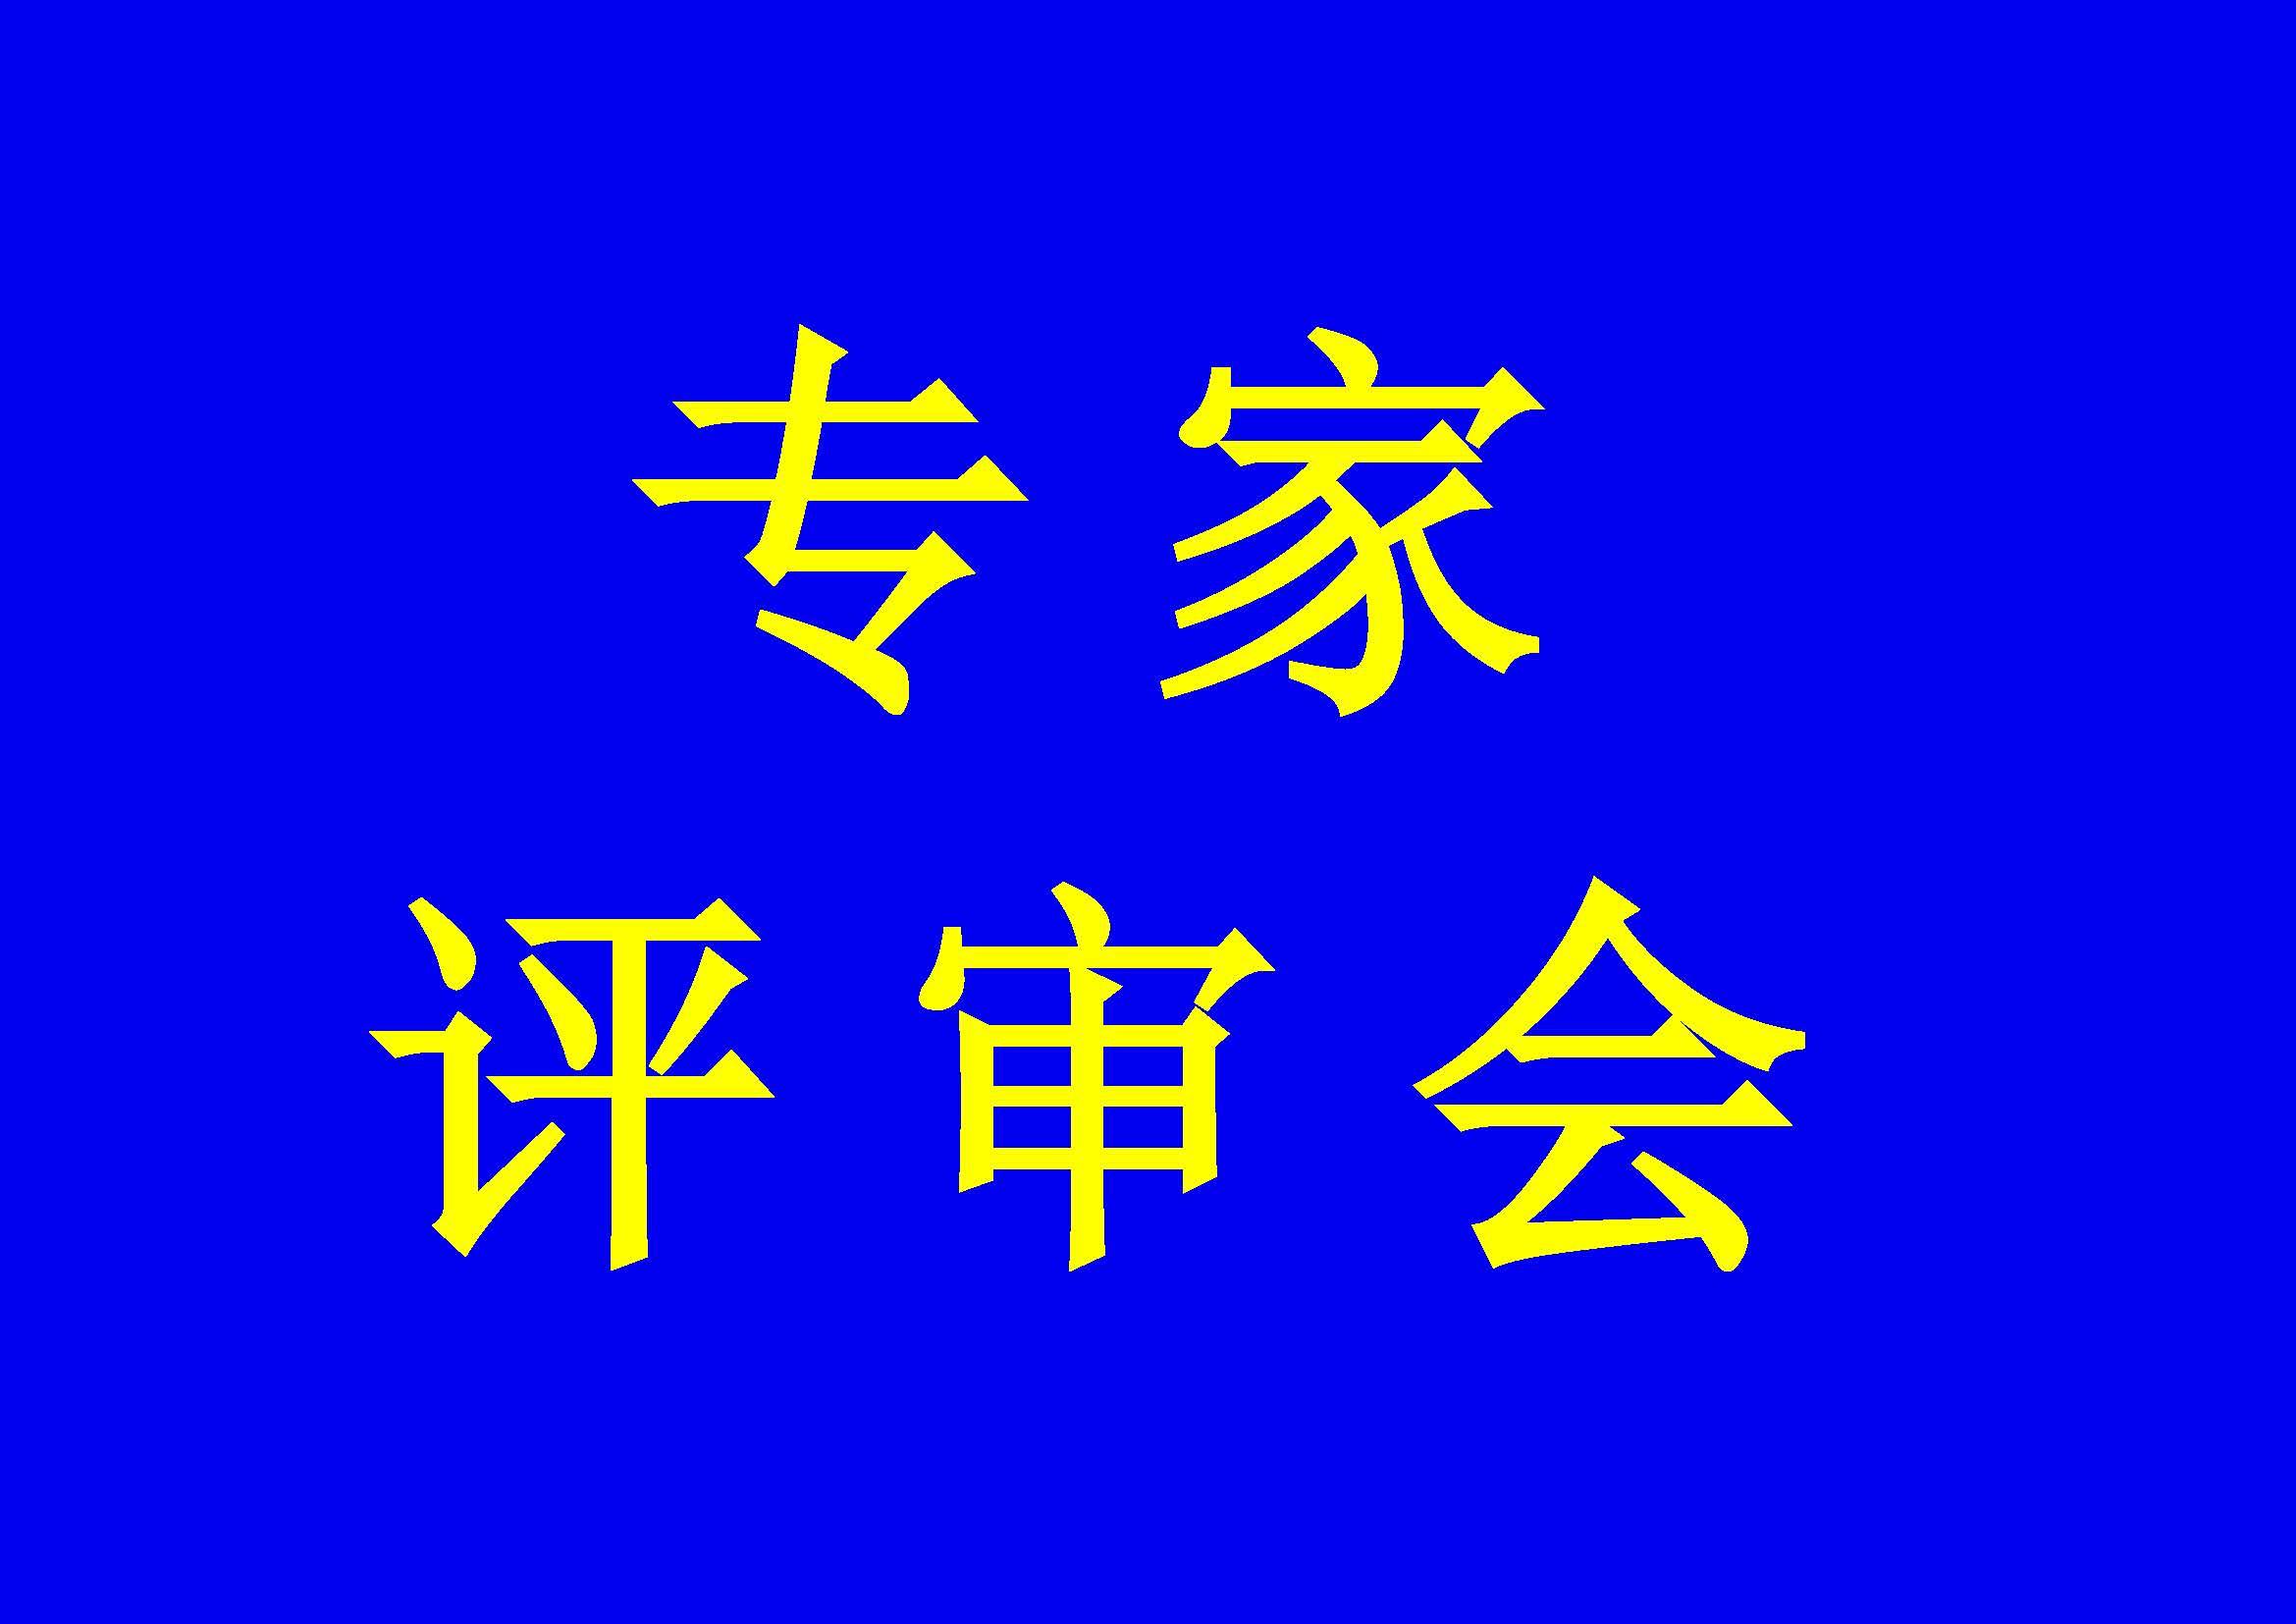 剑河县水资源保护等四个规划顺利通过技术审查